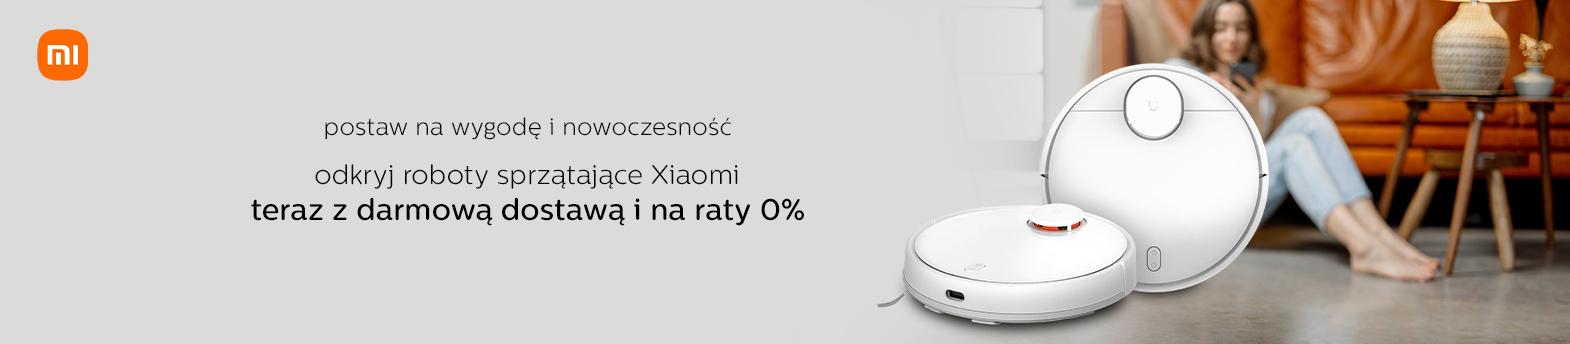 Xiaomi z darmową dostawą i na raty 0%